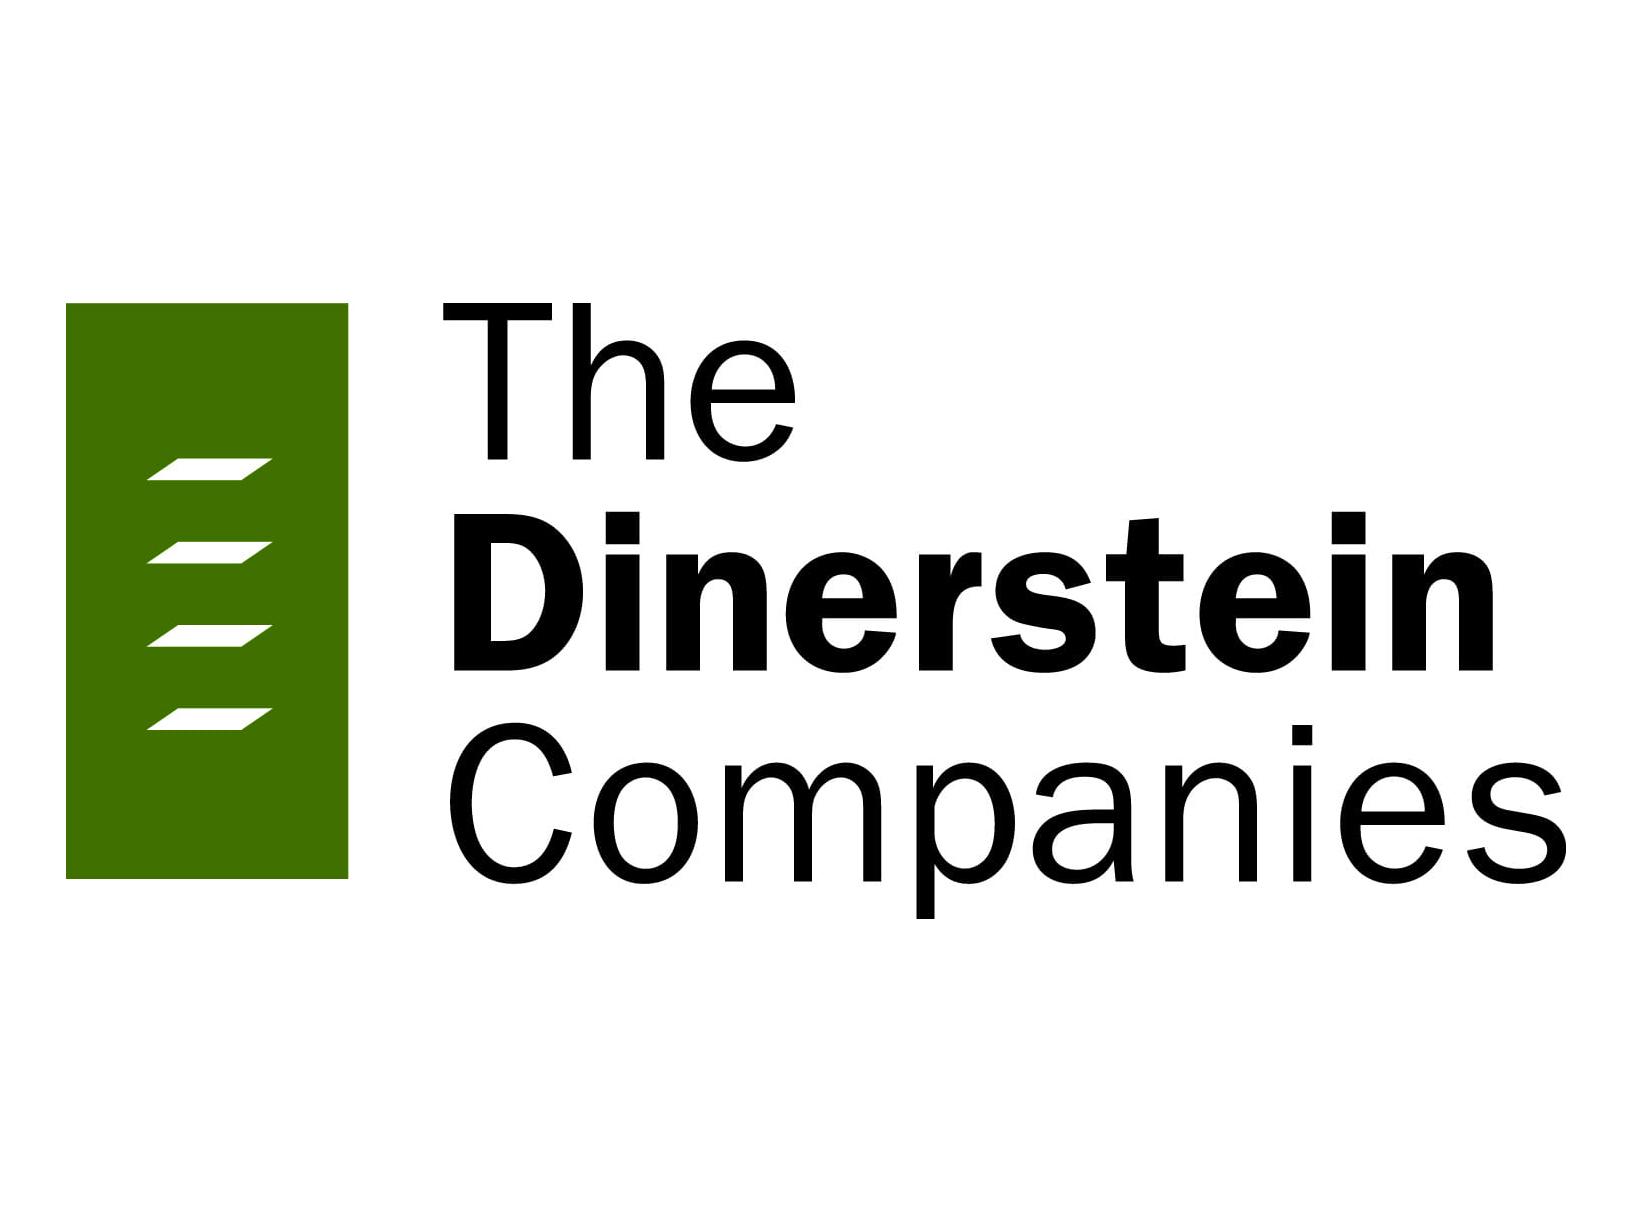 The Dinerstein Companies 201 (internet).jpg